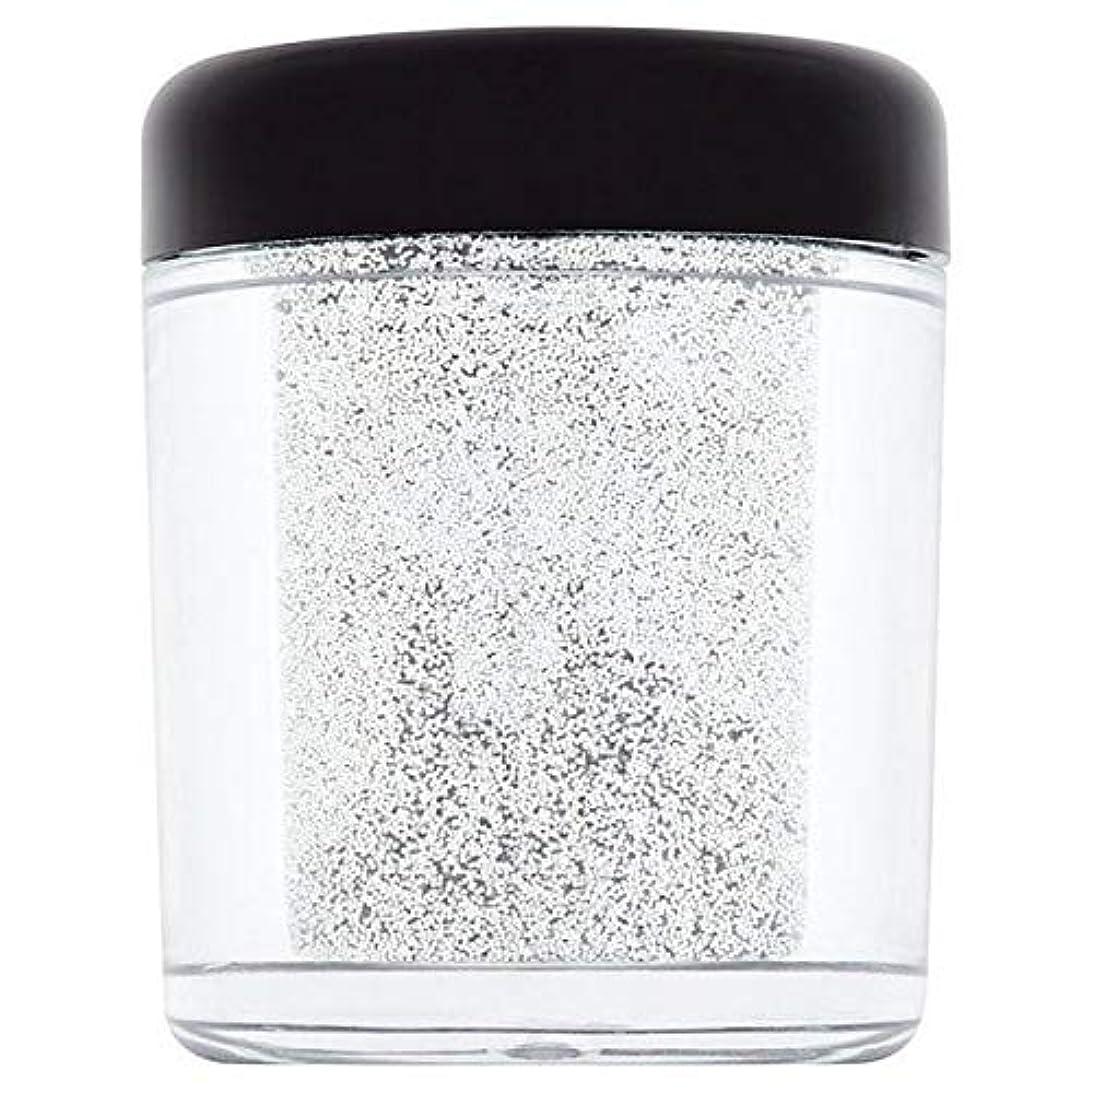 効能対人実用的[Collection ] 天使2を回収グラムの結晶は、フェイス&ボディの輝きが落ち - Collection Glam Crystals Face & Body Glitter Fallen Angel 2 [並行輸入品]